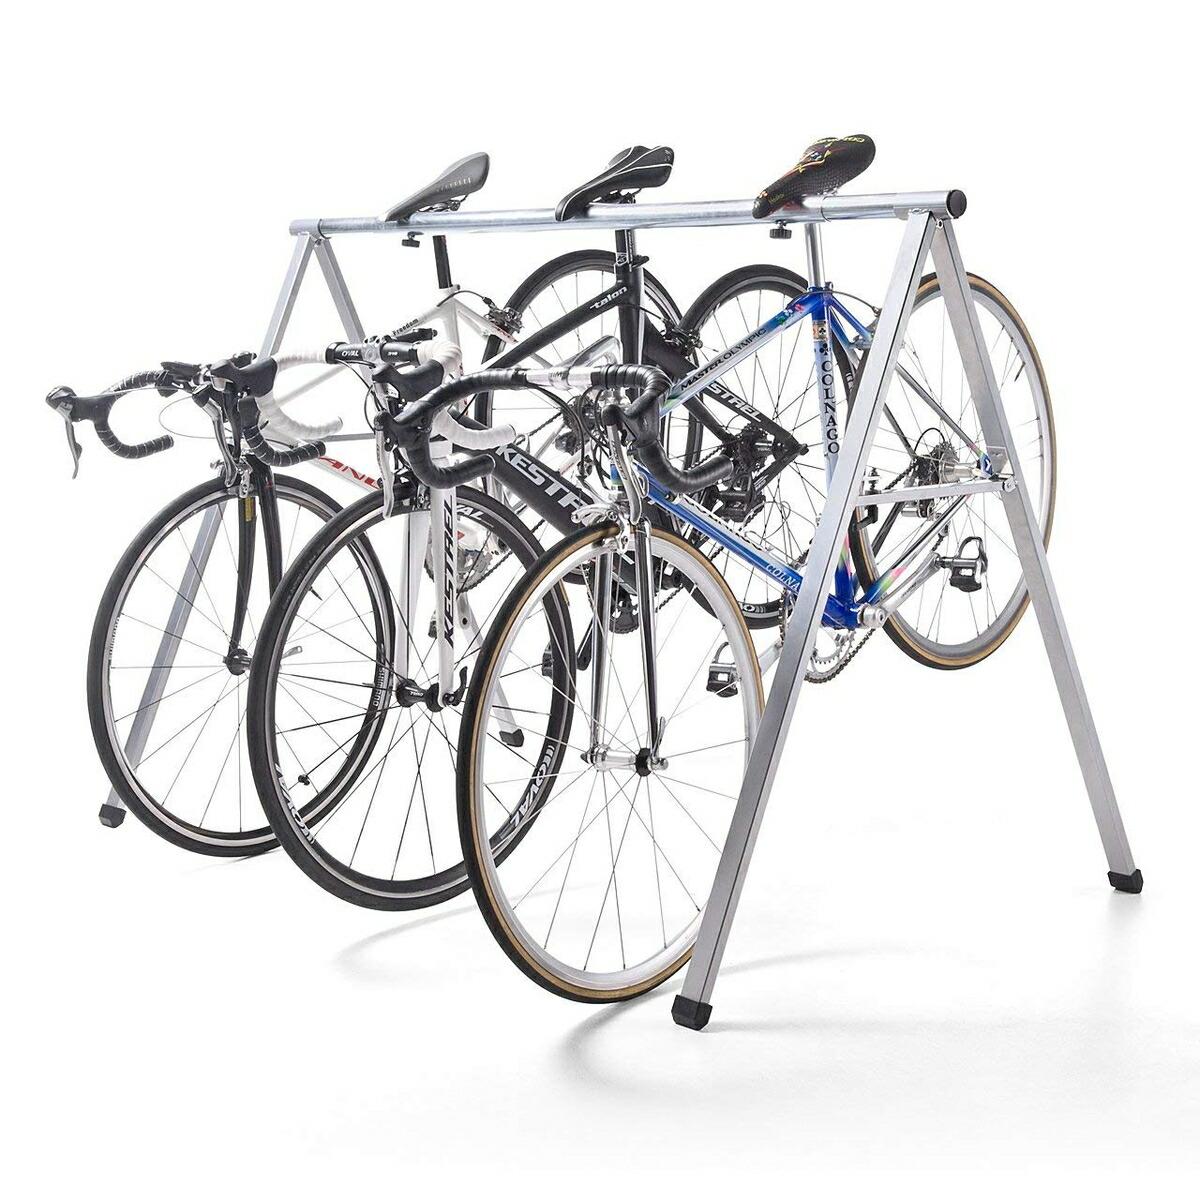 自転車スタンド 最大5台 レーススタンド 工具不要 サドル引掛け式 バイクスタンド バイクハンガー クロスバイク ロードバイク フレーム サイクル [800-BYST5]【サンワダイレクト限定品】【送料無料】